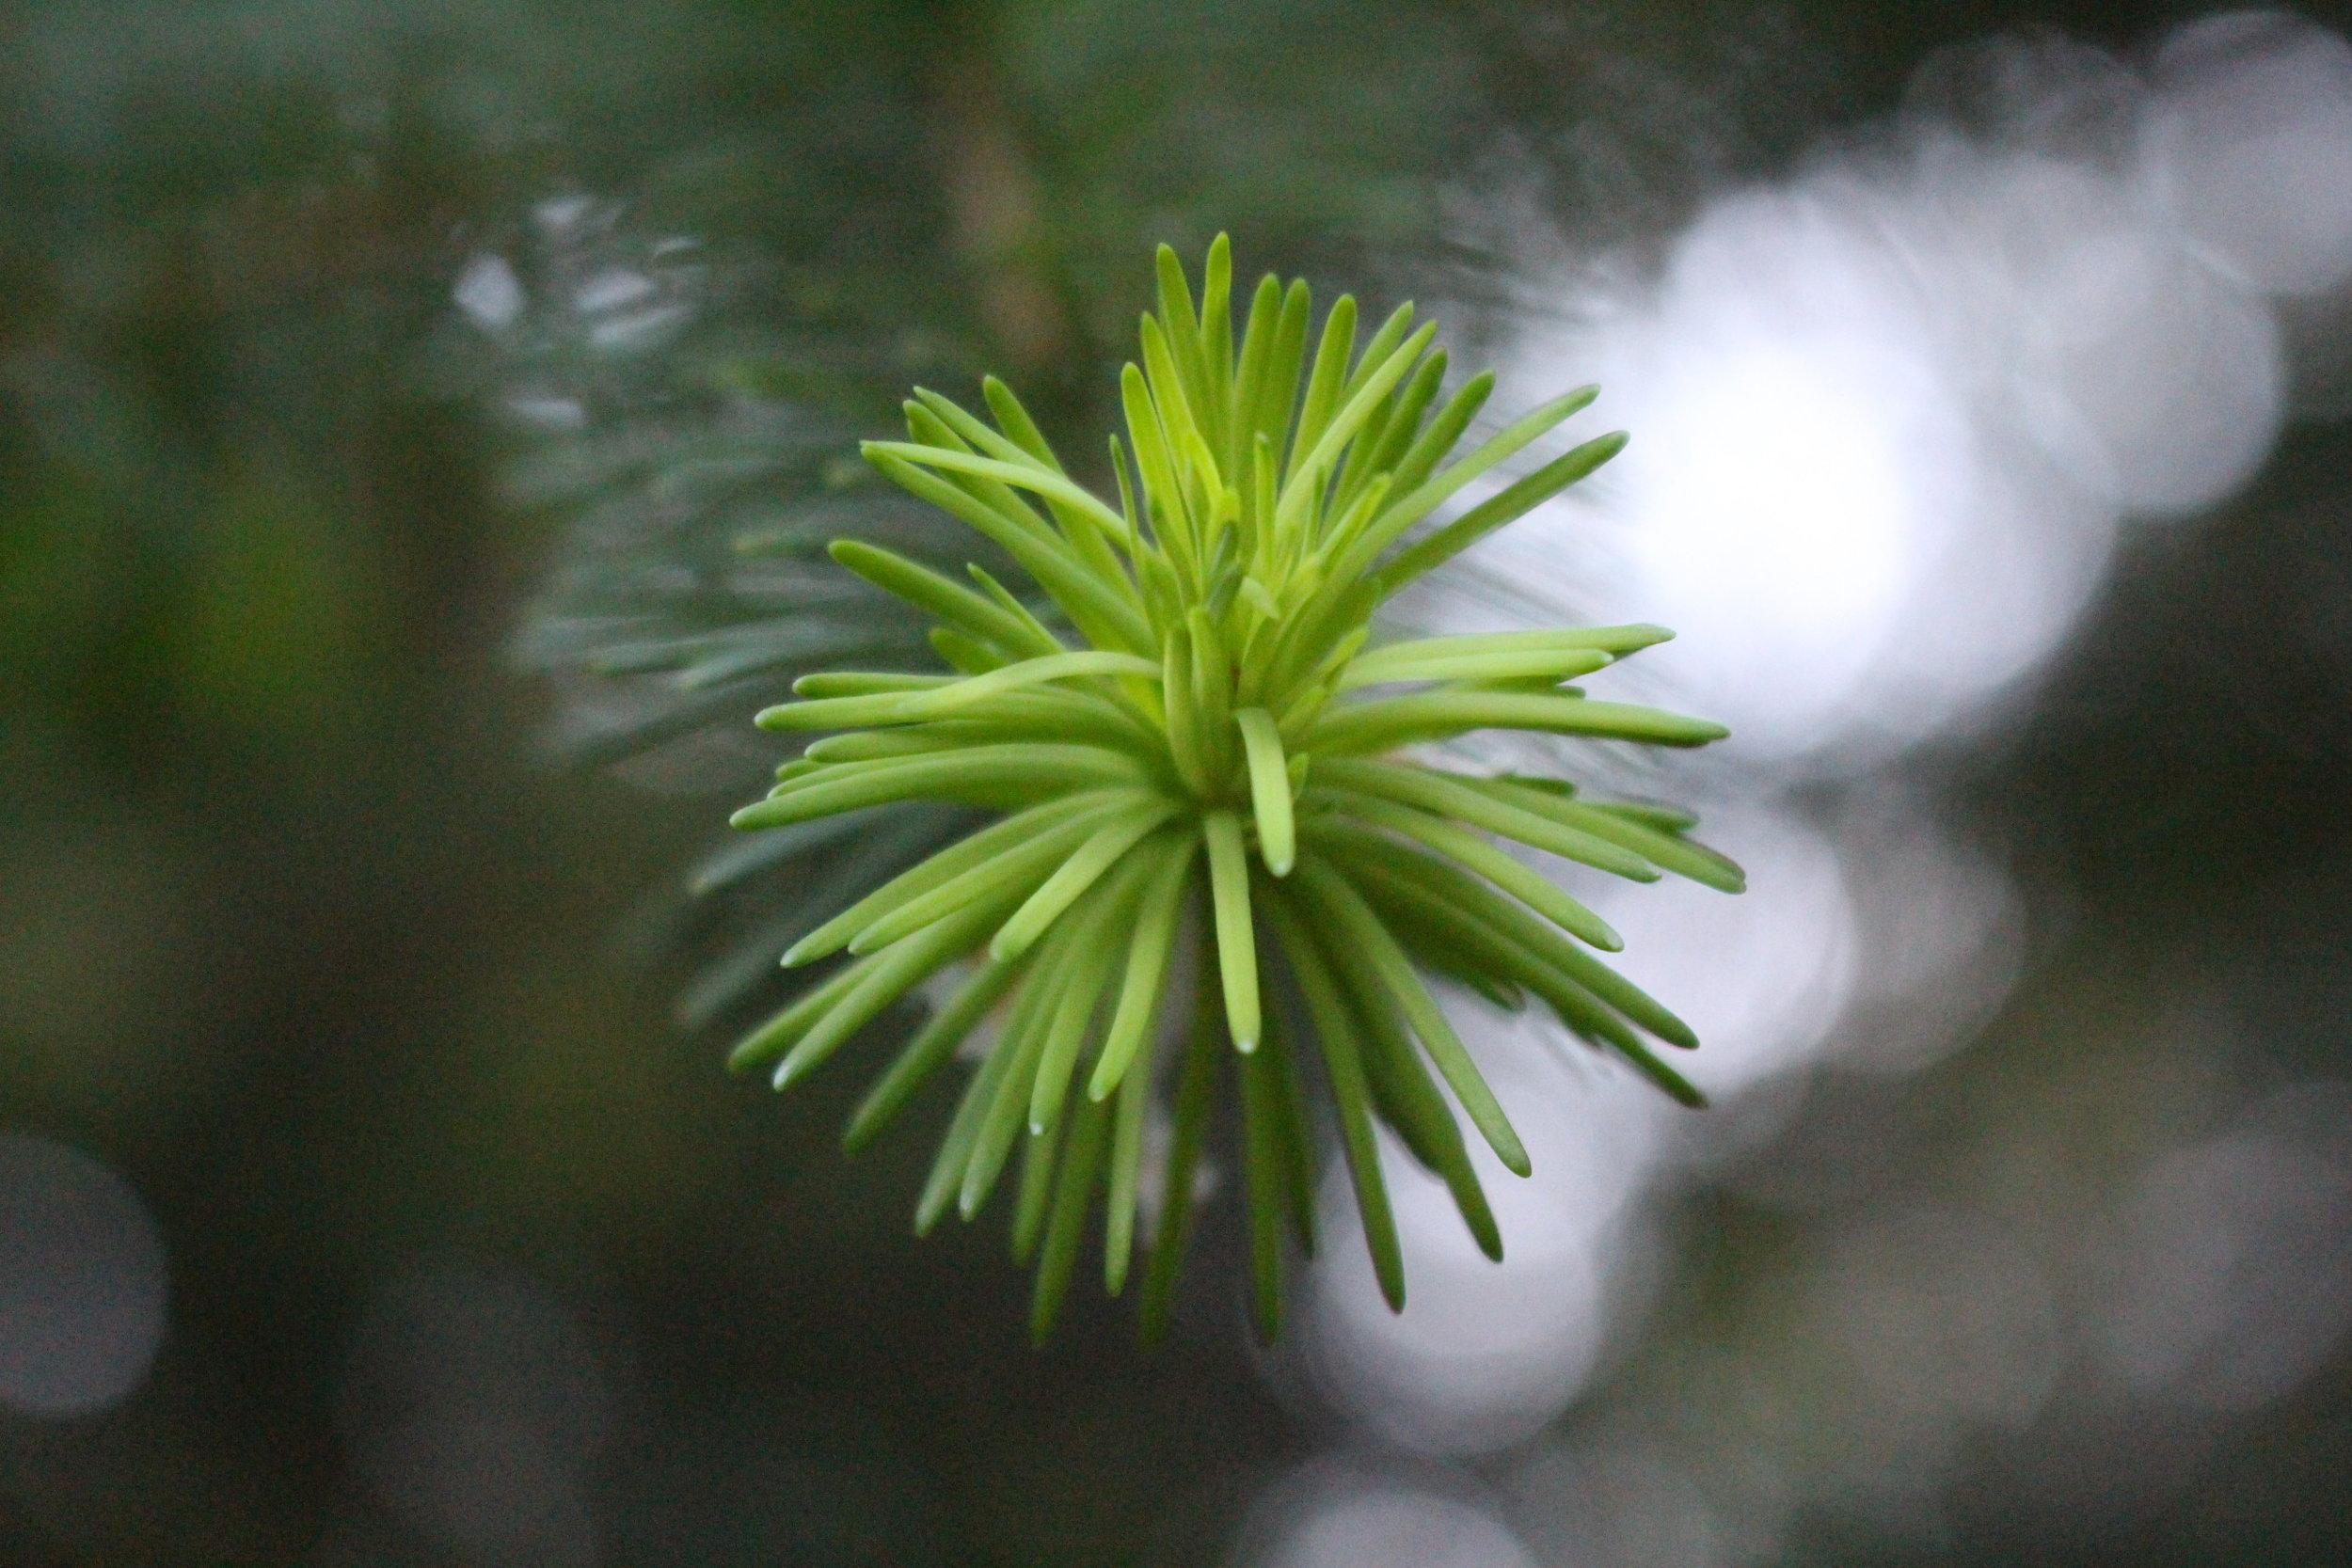 #59 Pine Tree, Pinus